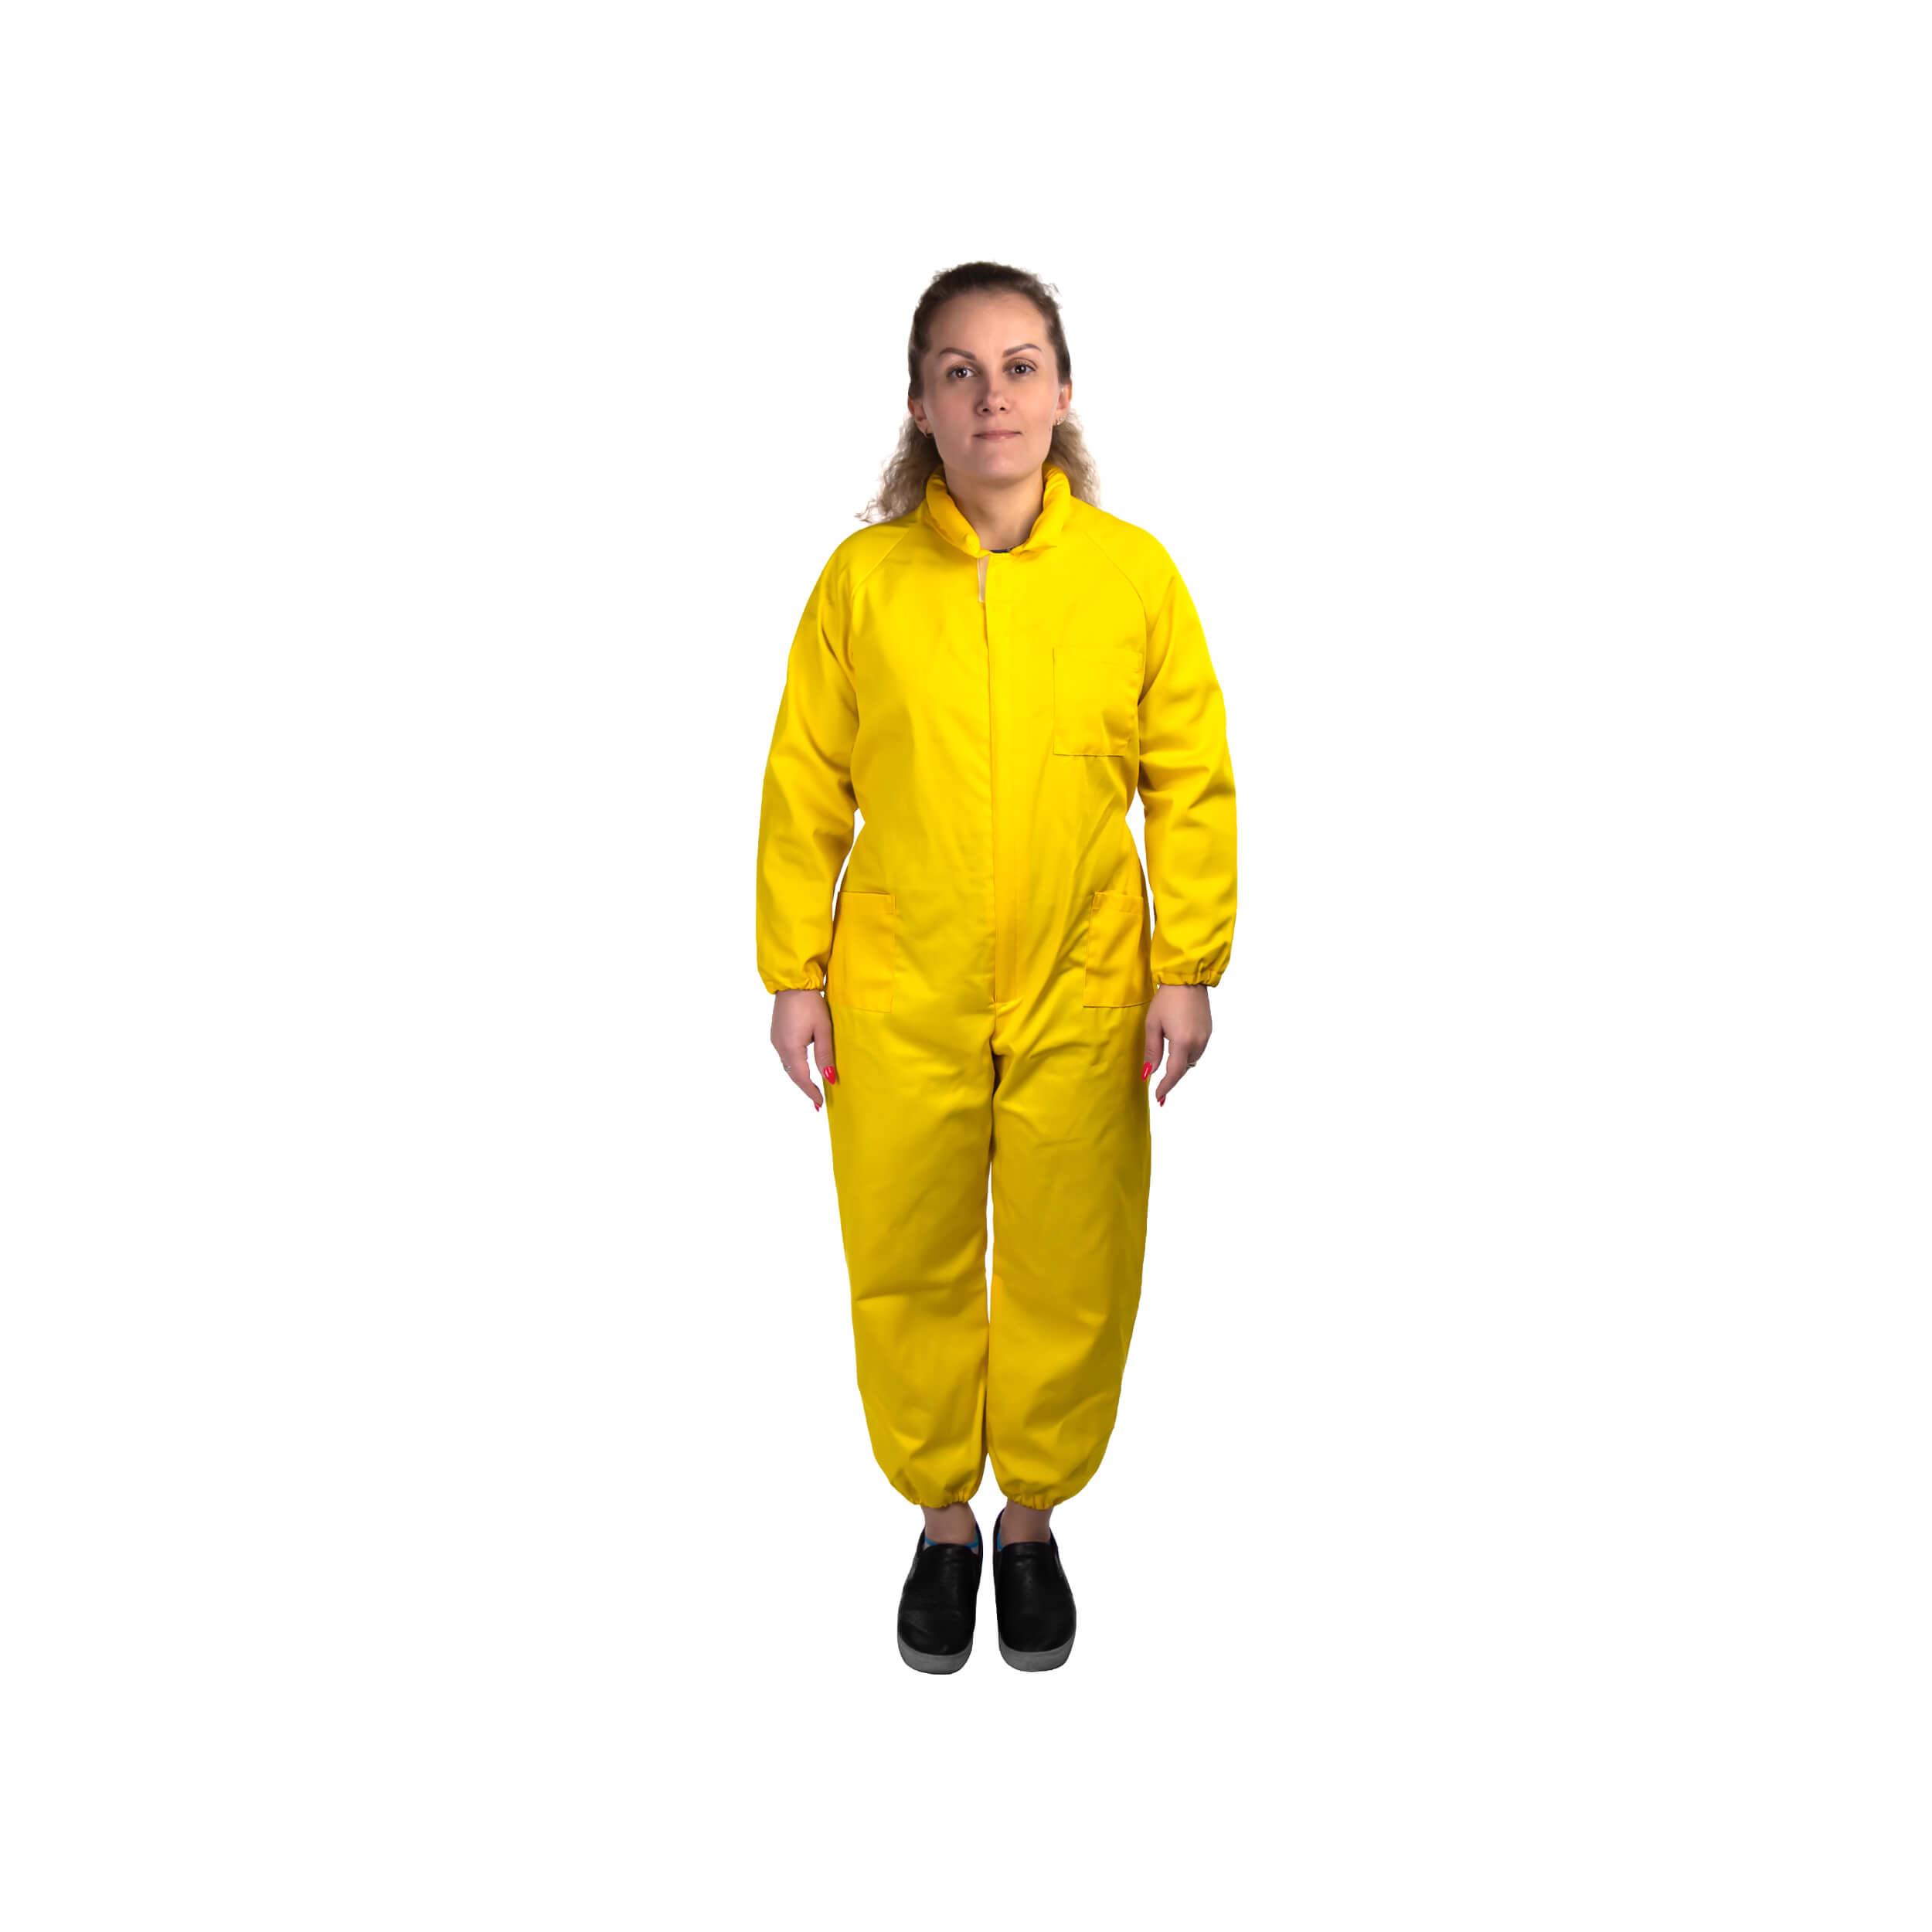 Комбинезон пчеловода детский Пчеландия Kids Protection (жёлтый, 38-40 размер, рост 138-140) фото